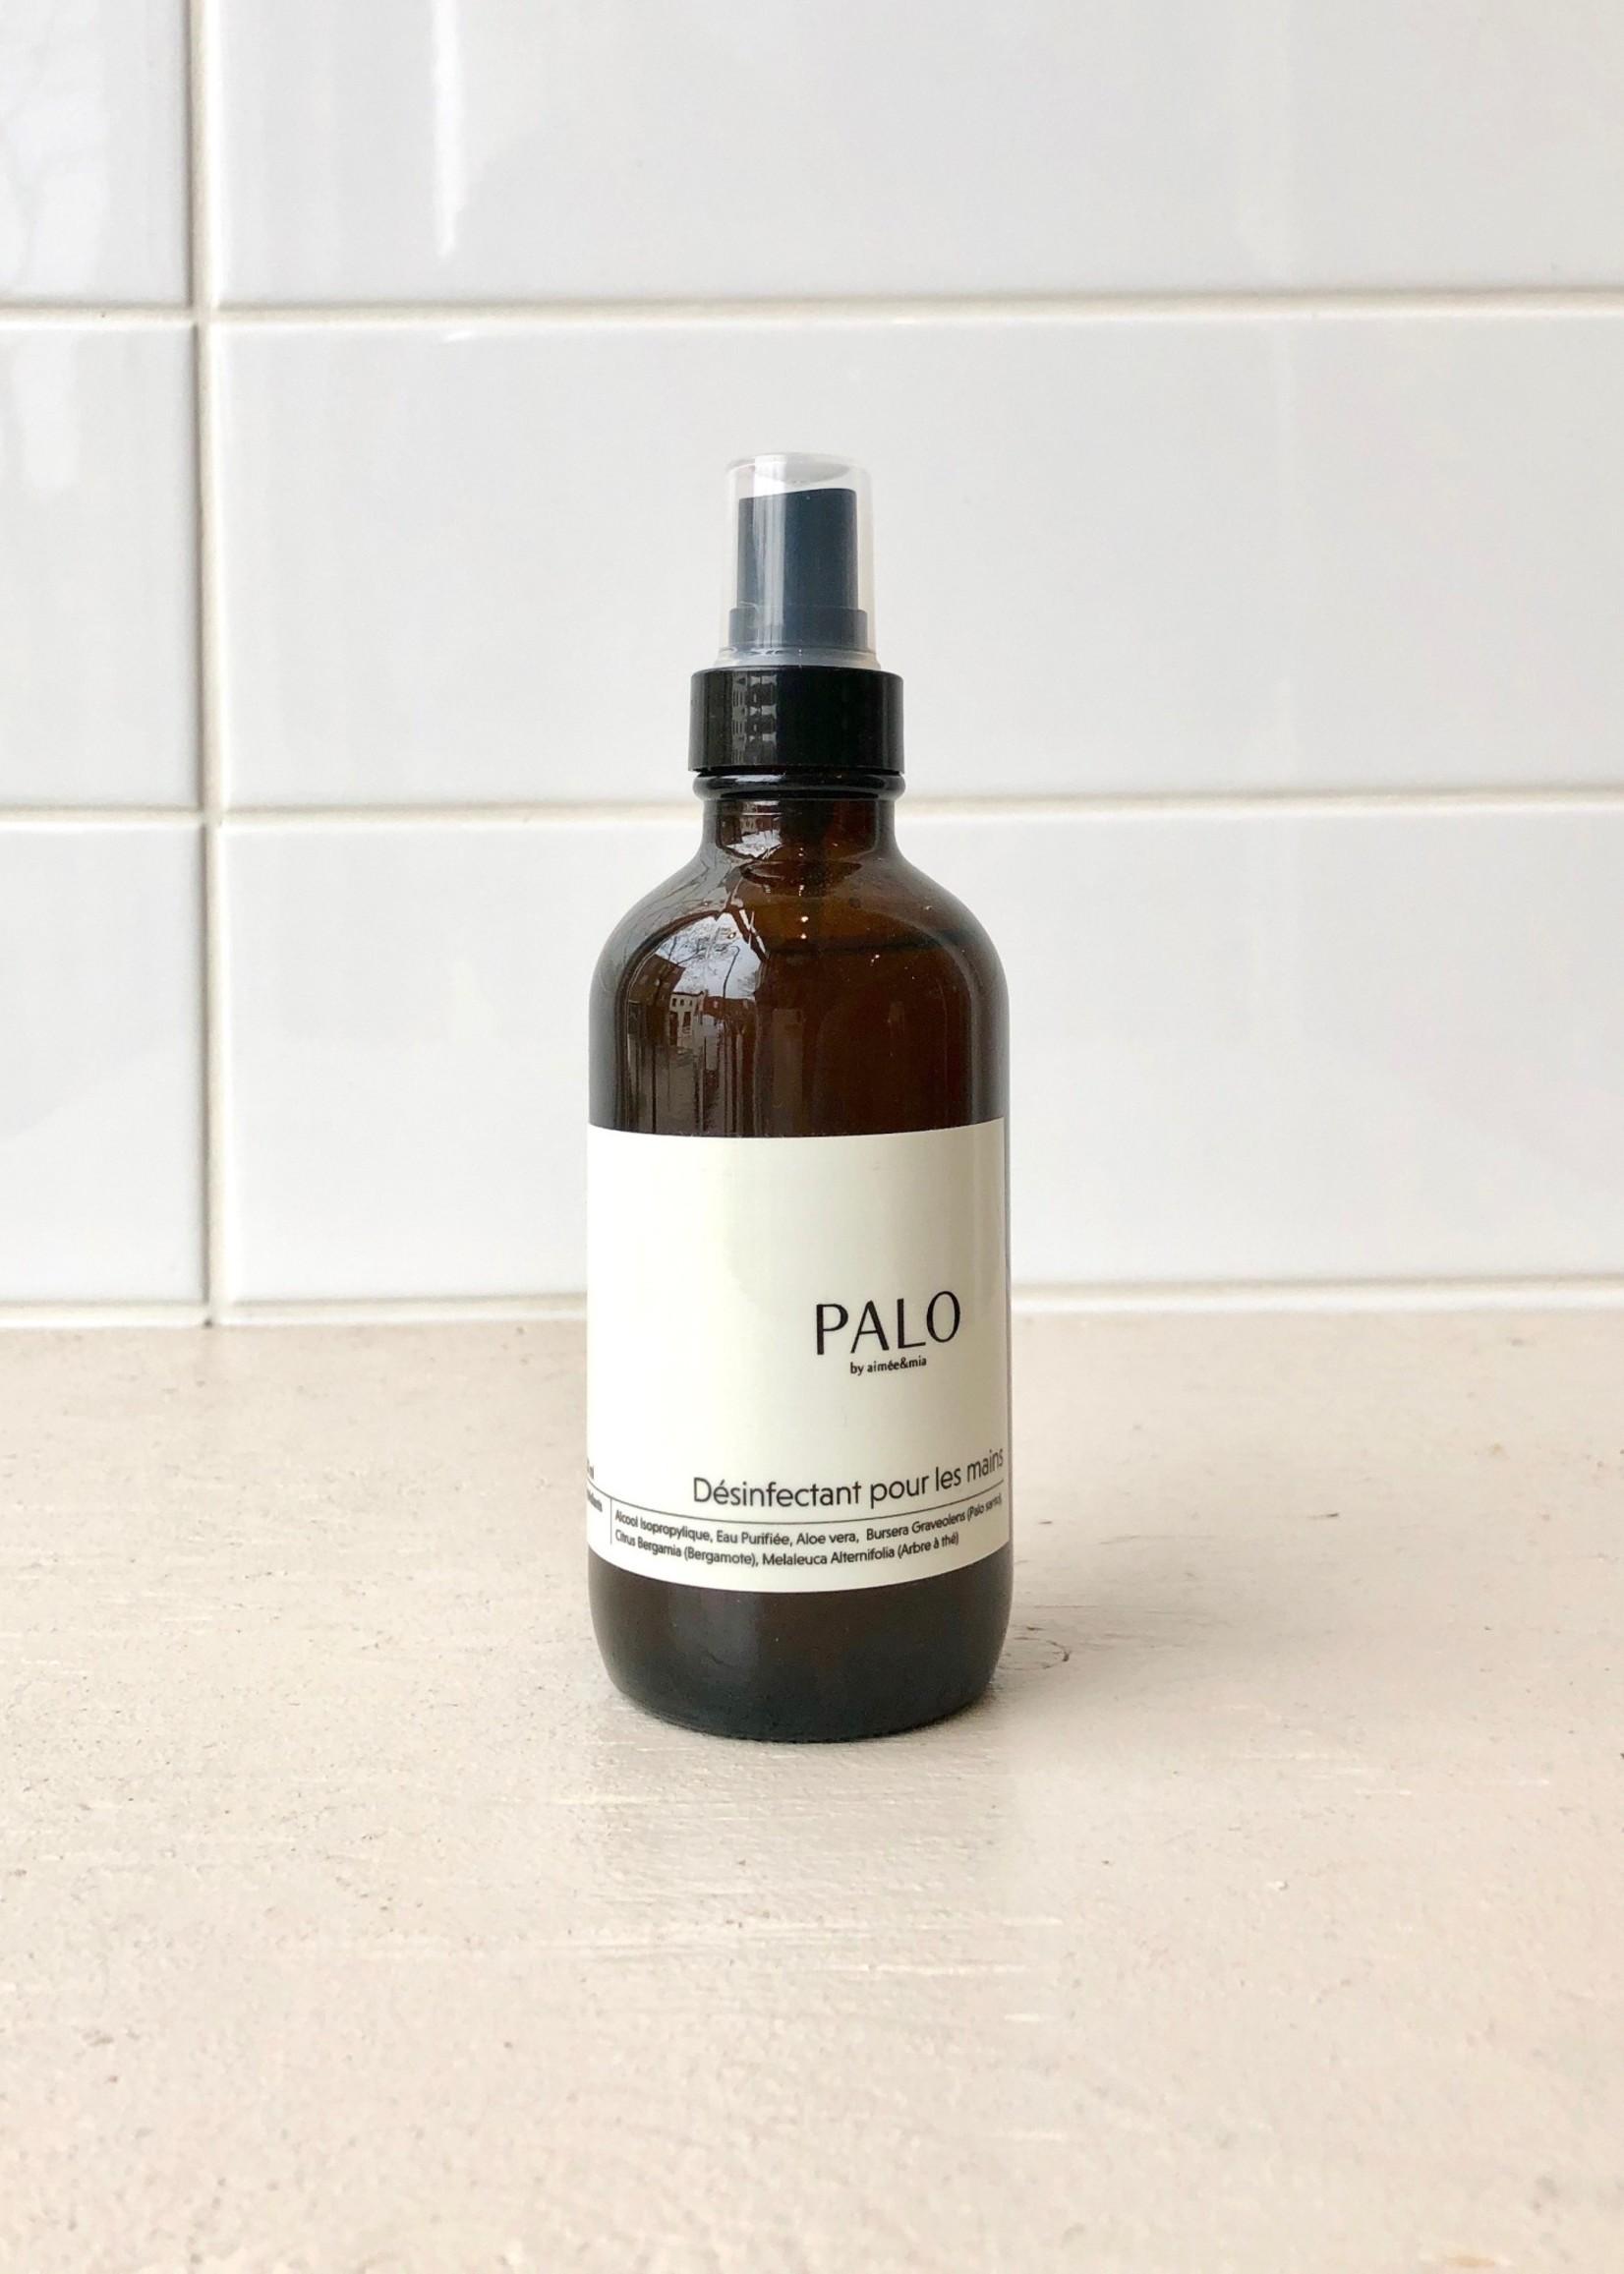 Palo by Aimee & Mia Désinfectant pour les mains de Palo